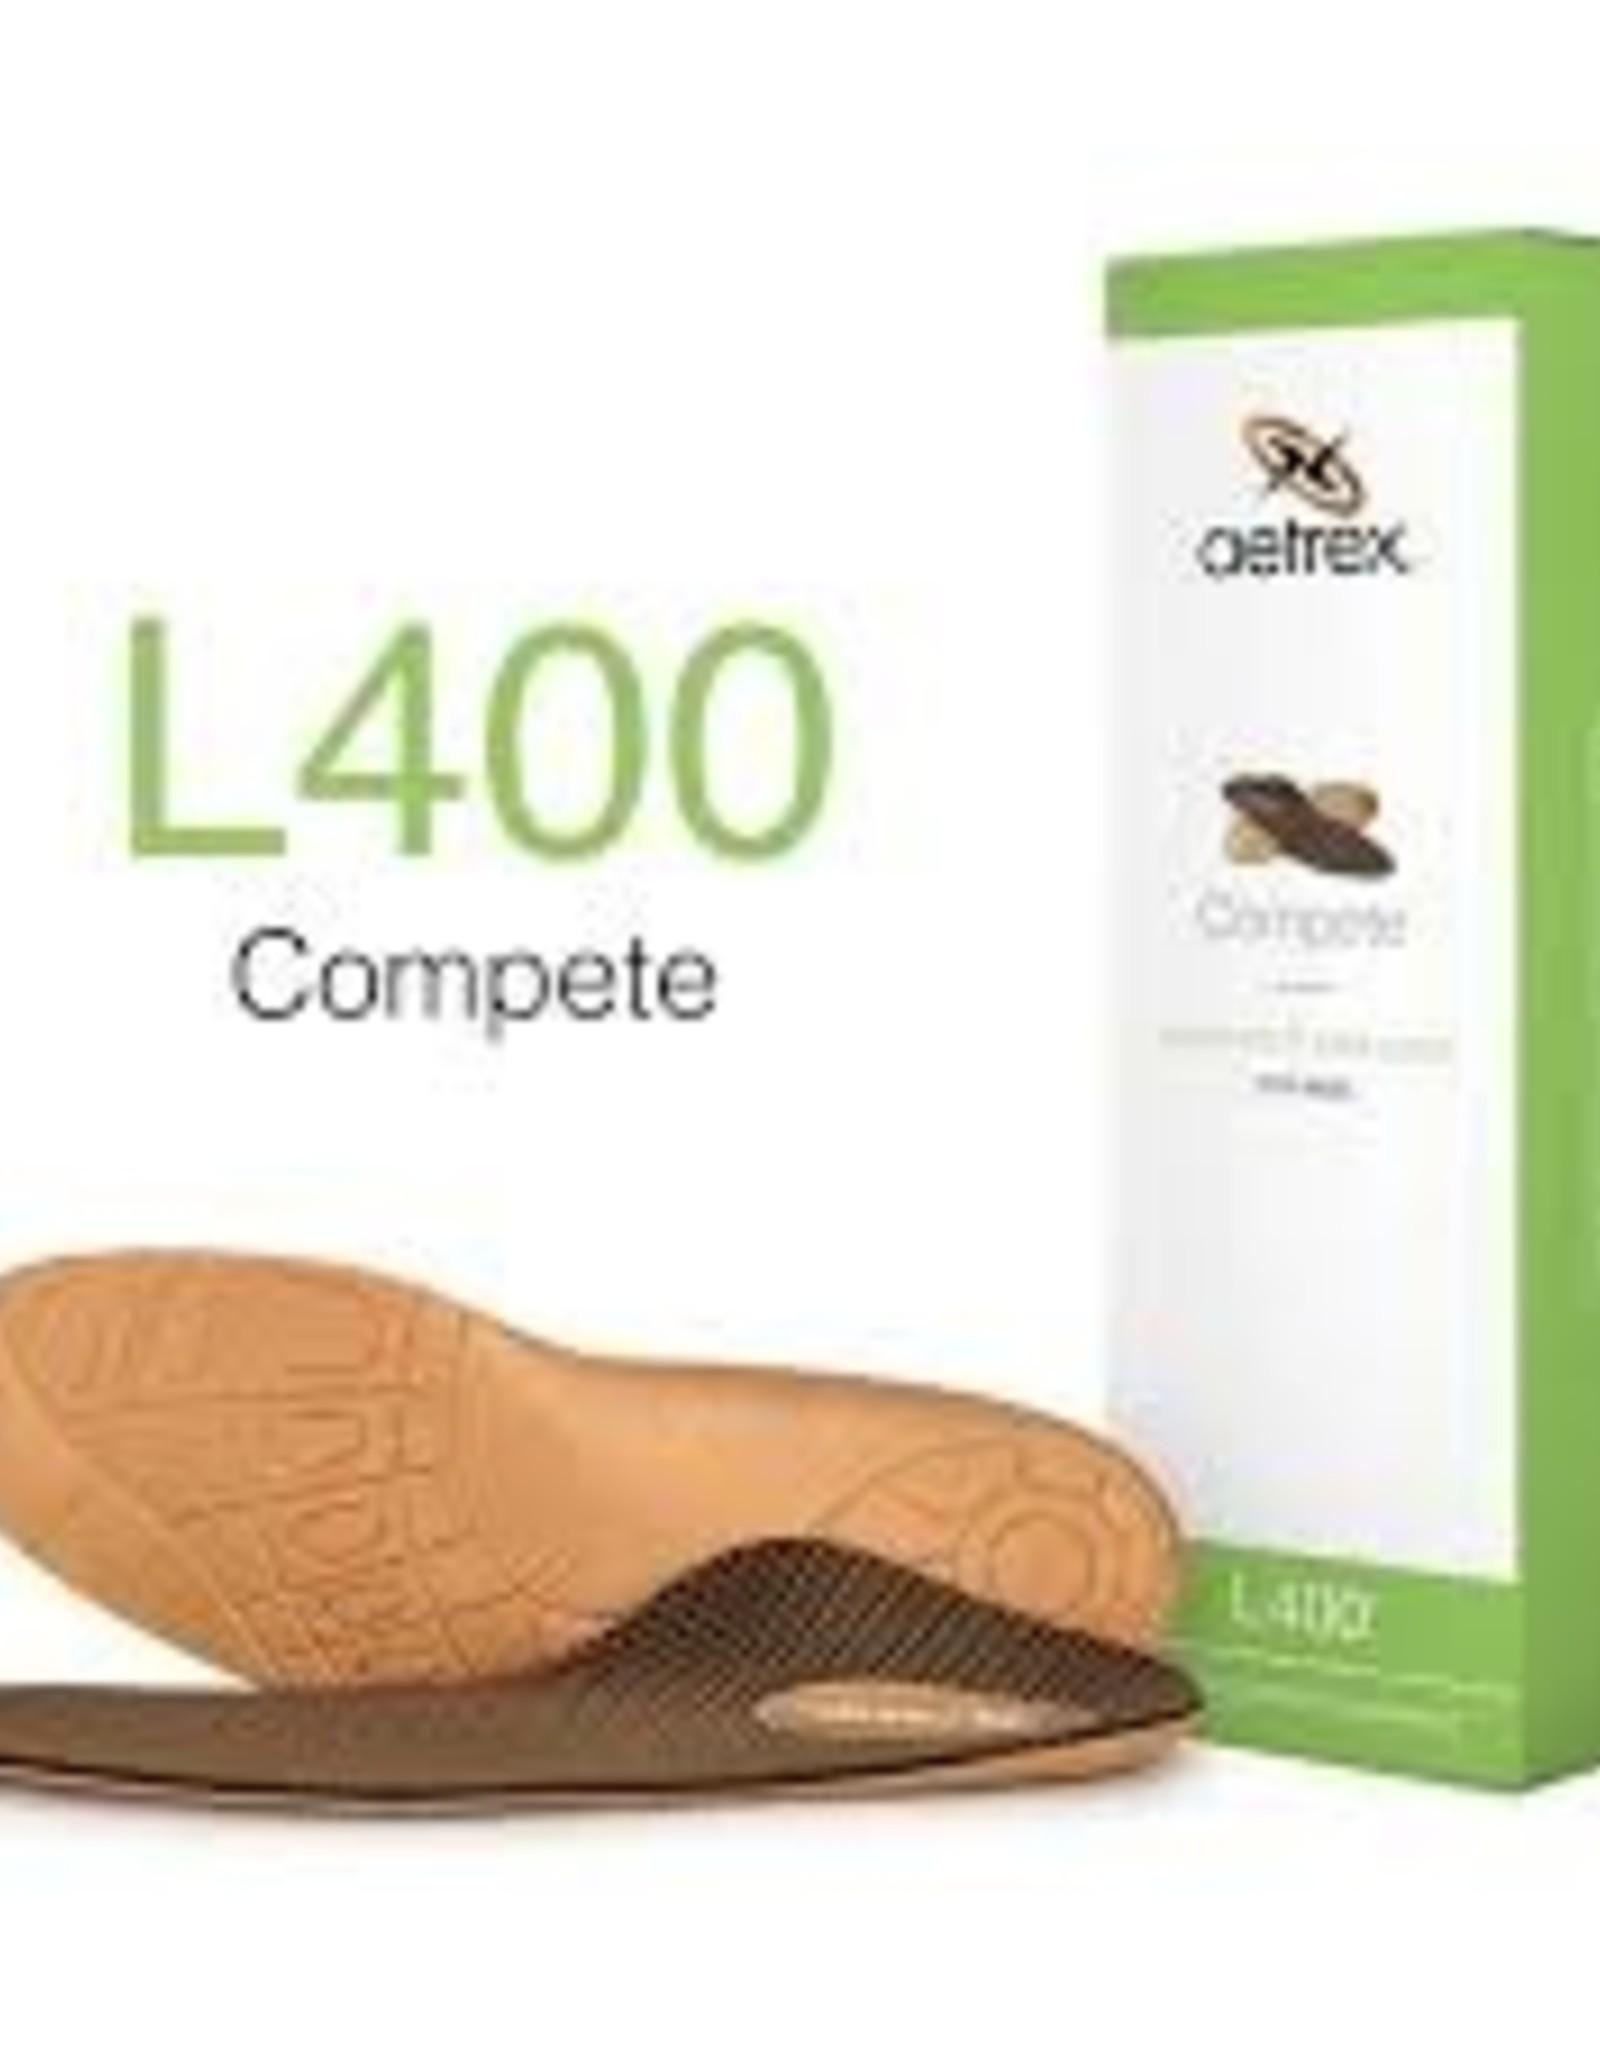 AETREX L400 MALE 11